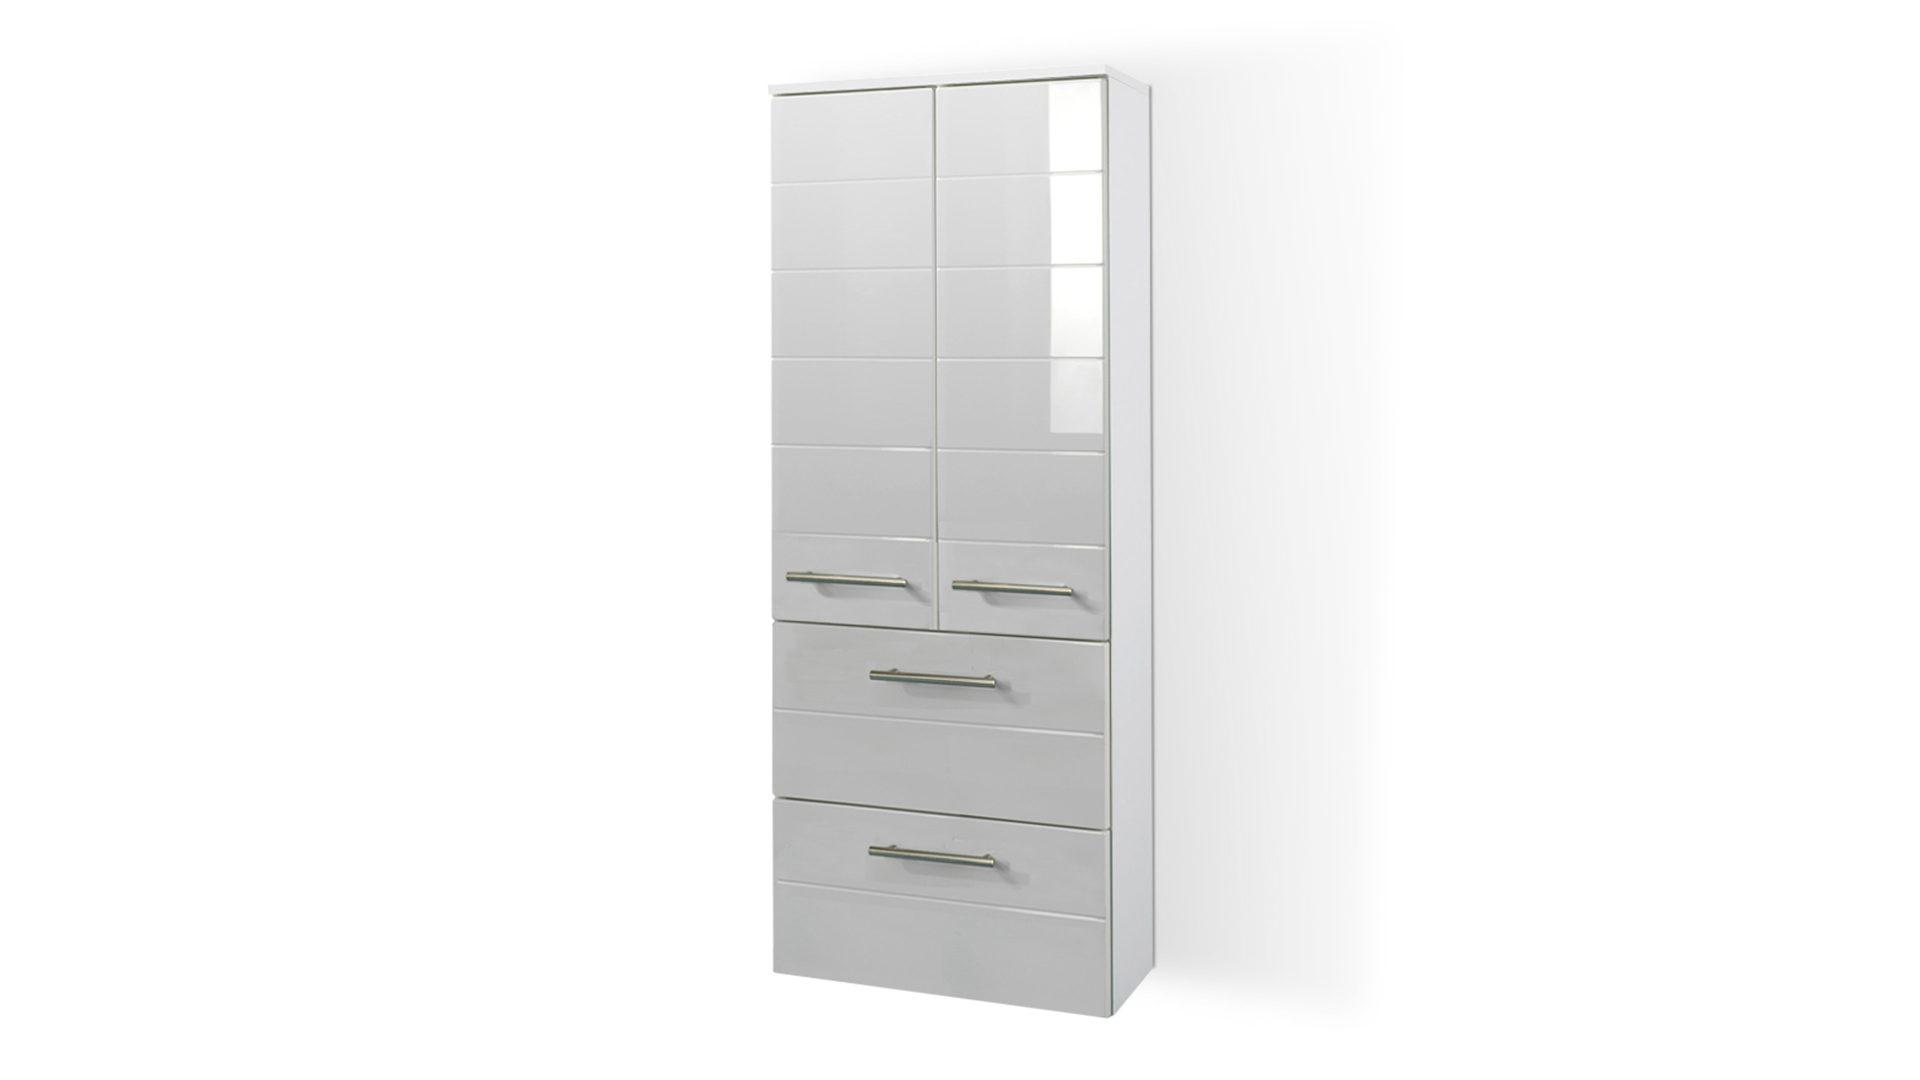 Badschrank bzw. Midischrank Rimini als Badezimmermöbel , weiße ...